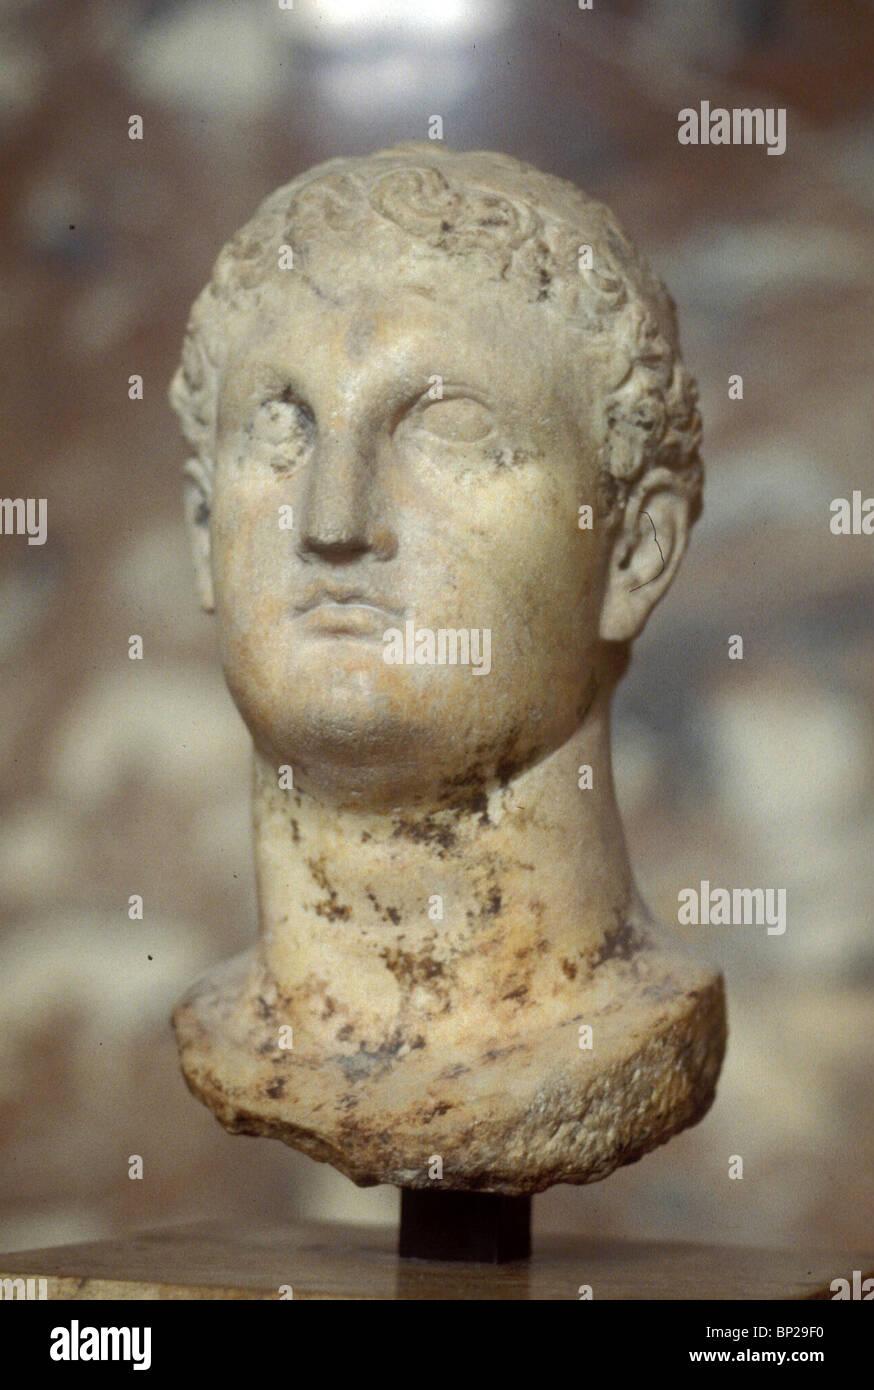 3008. PTOLEMY II. PHILADELPHUS, RULER OF EGYPT, KING FROM 282-246 B.C. - Stock Image